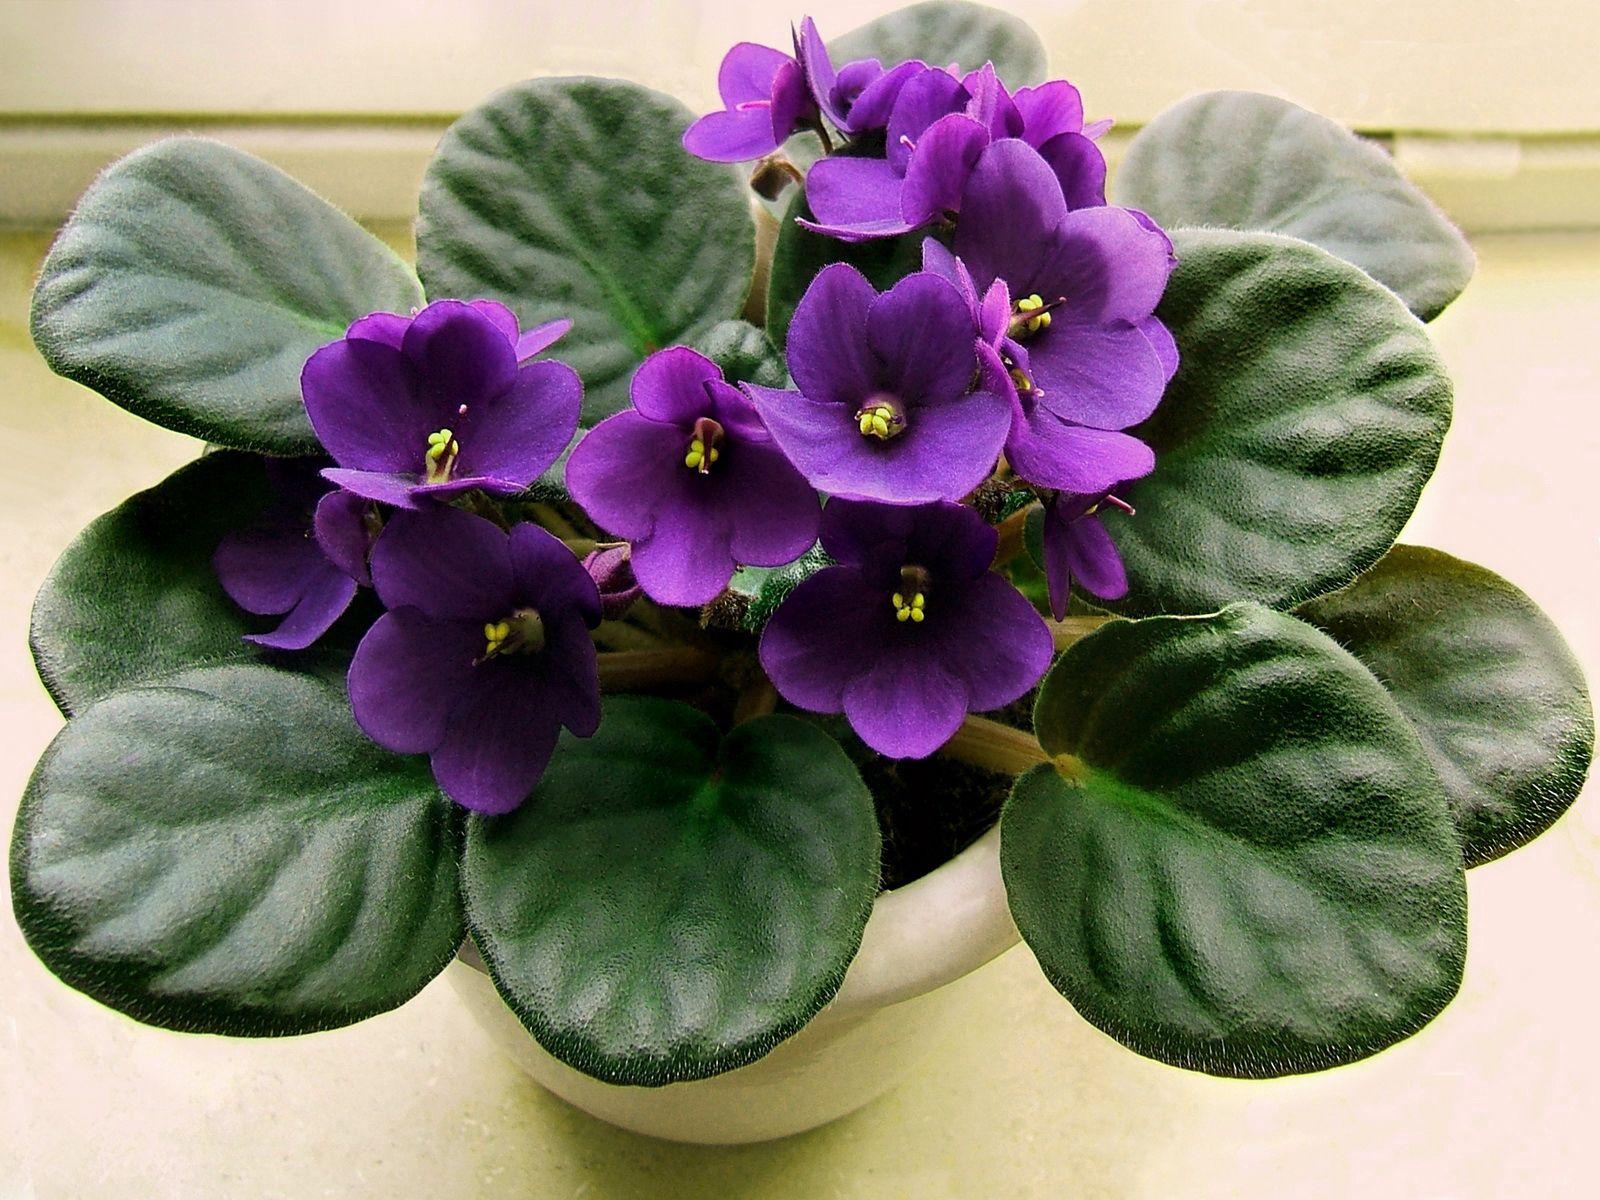 手機的113566屏保和壁紙紫罗兰。 免費下載 花卉, 紫色, 紫罗兰, 紫丁香, 丁香, 花, 锅, 房间, 客房 圖片